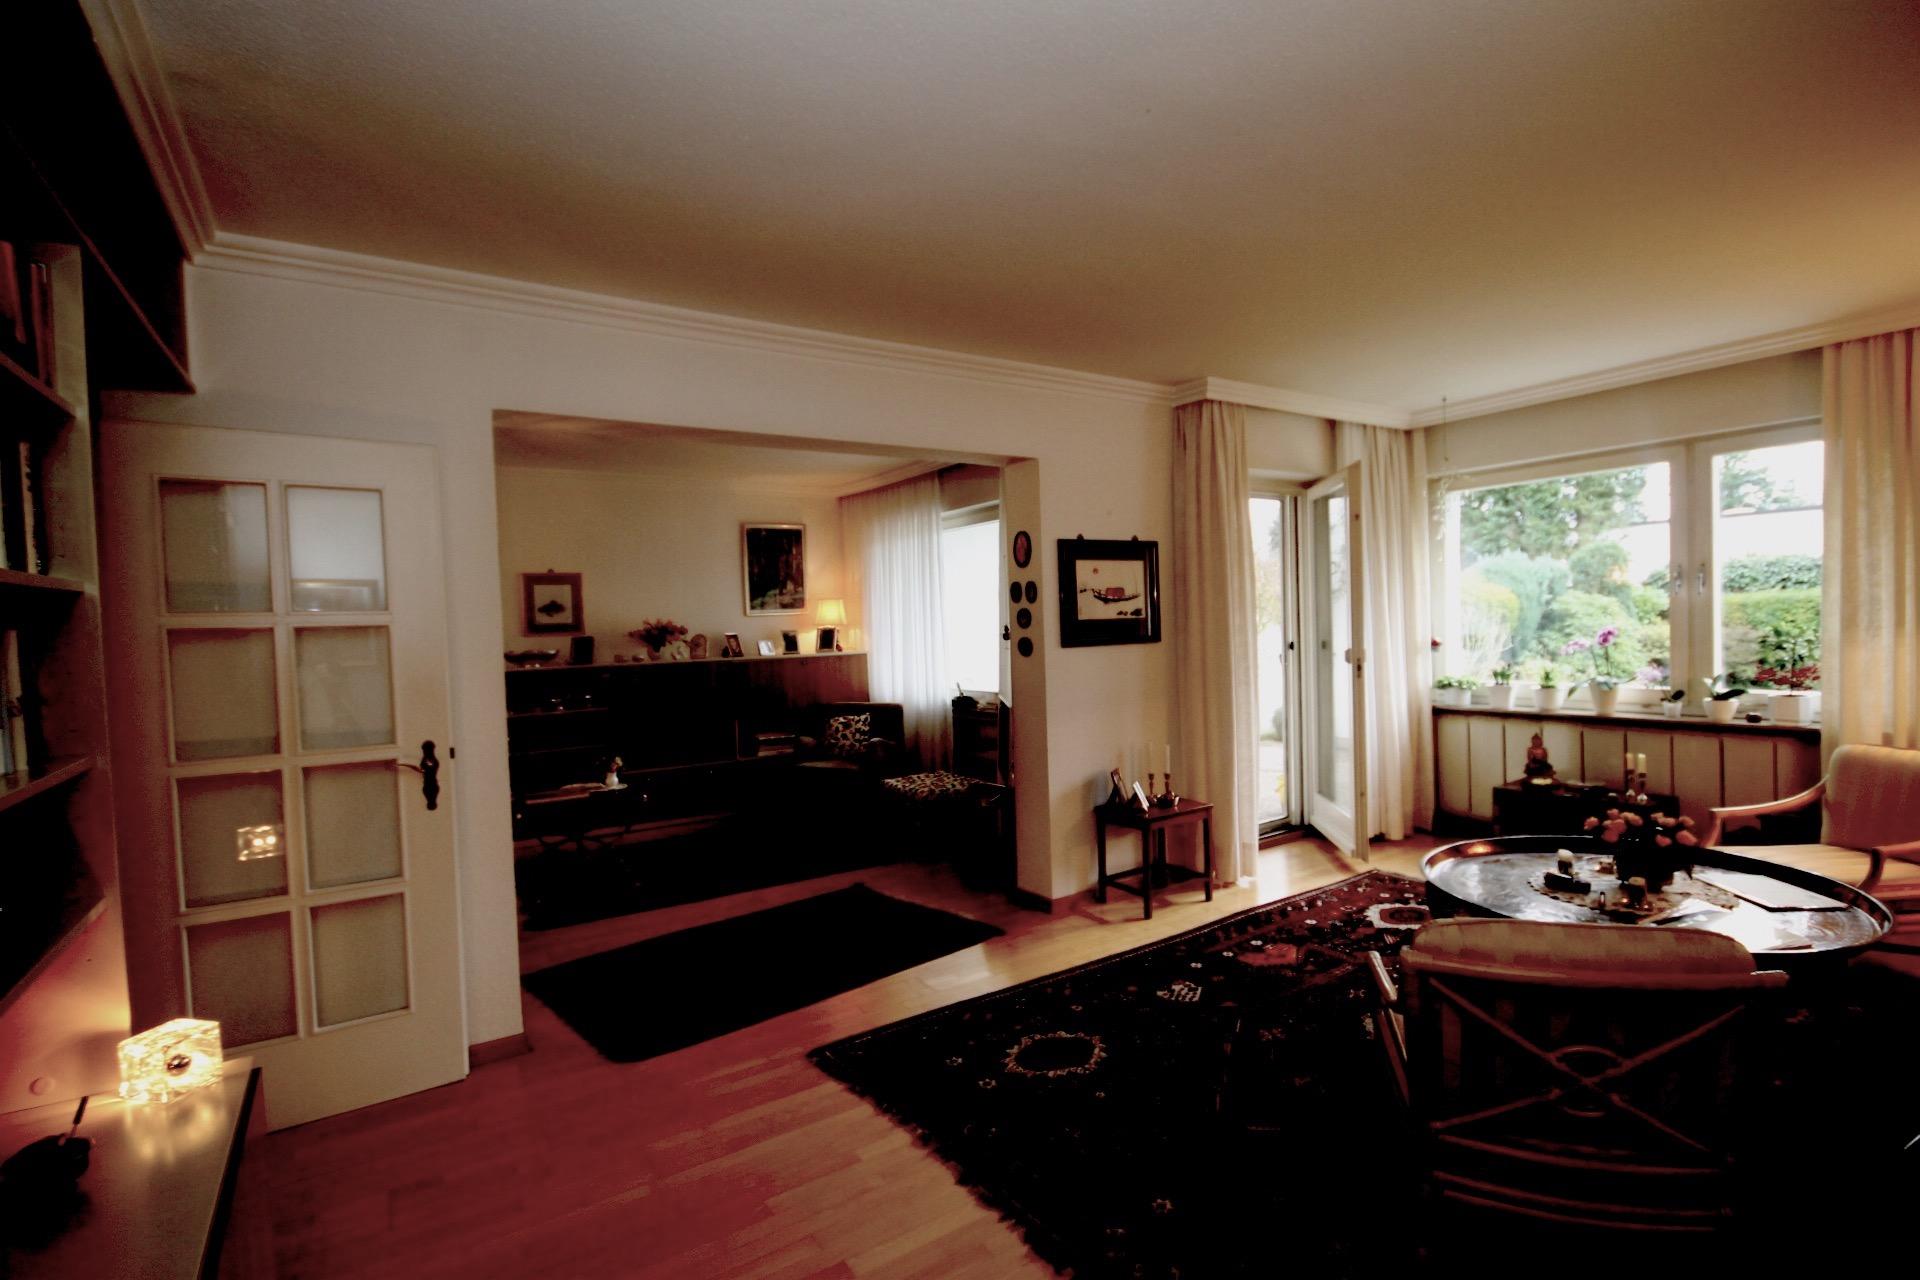 Wohnung mit falscher Belichtung